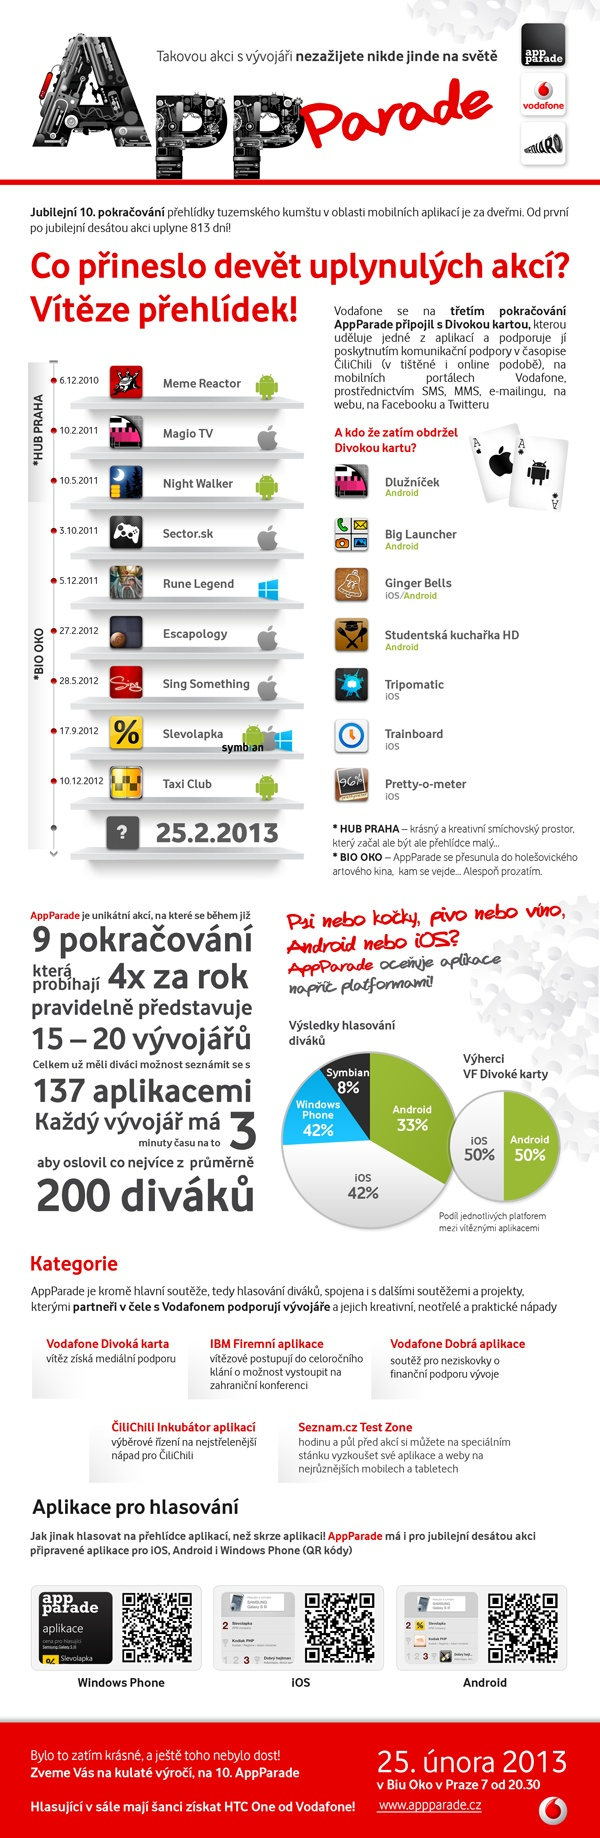 """Přehlídka """"domácí tvorby"""" v oblasti aplikací pro mobilní telefony a tablety se dočká svého 10. pokračování. Více infromací na www.appparade.cz"""